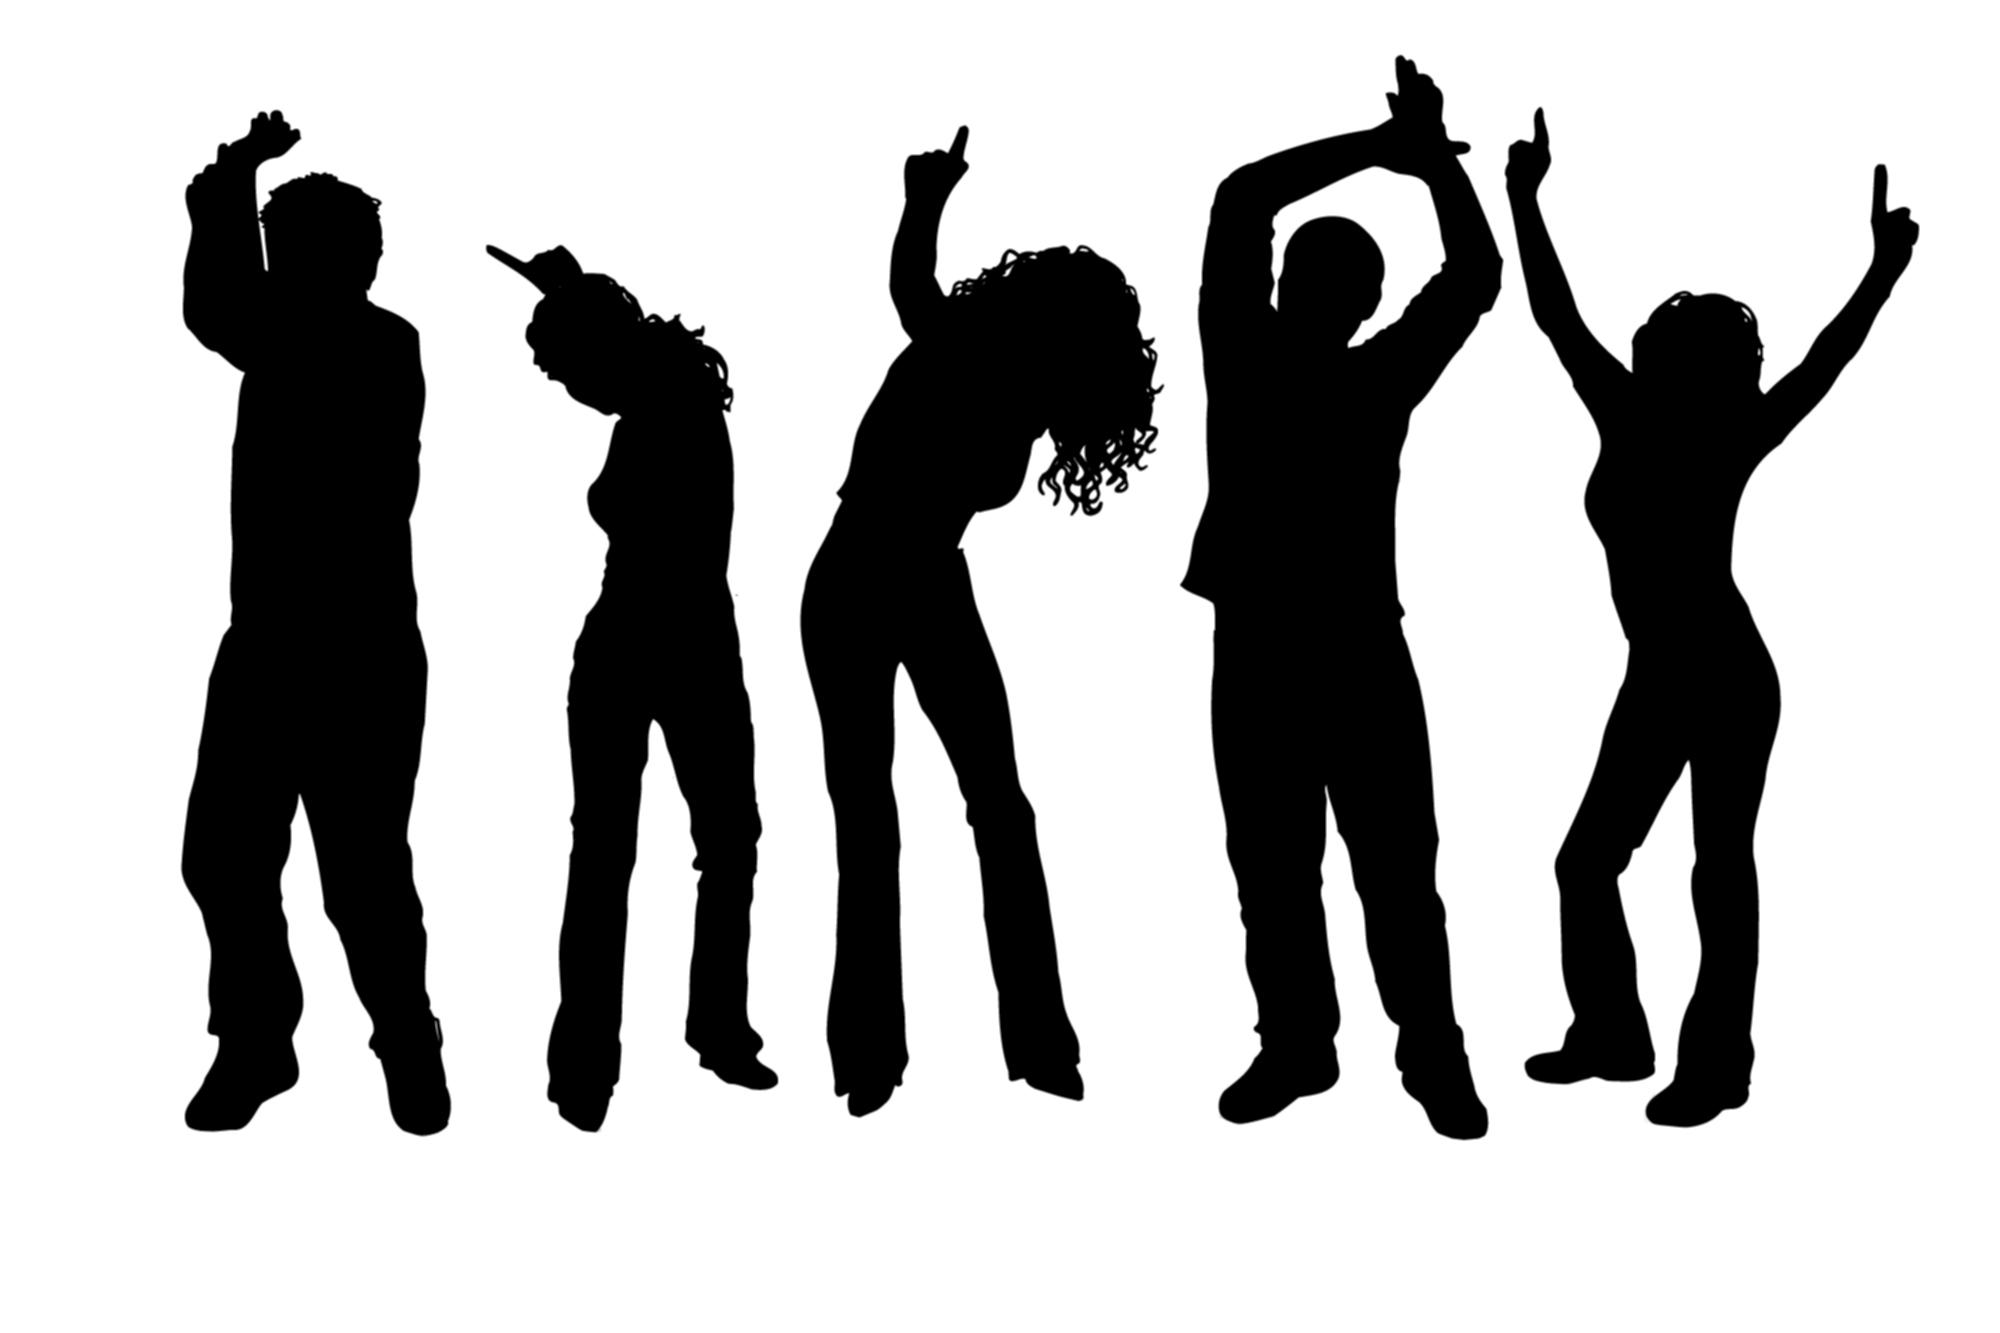 Dance Clip Art Dance Party Jpg-Dance Clip Art Dance Party Jpg-15